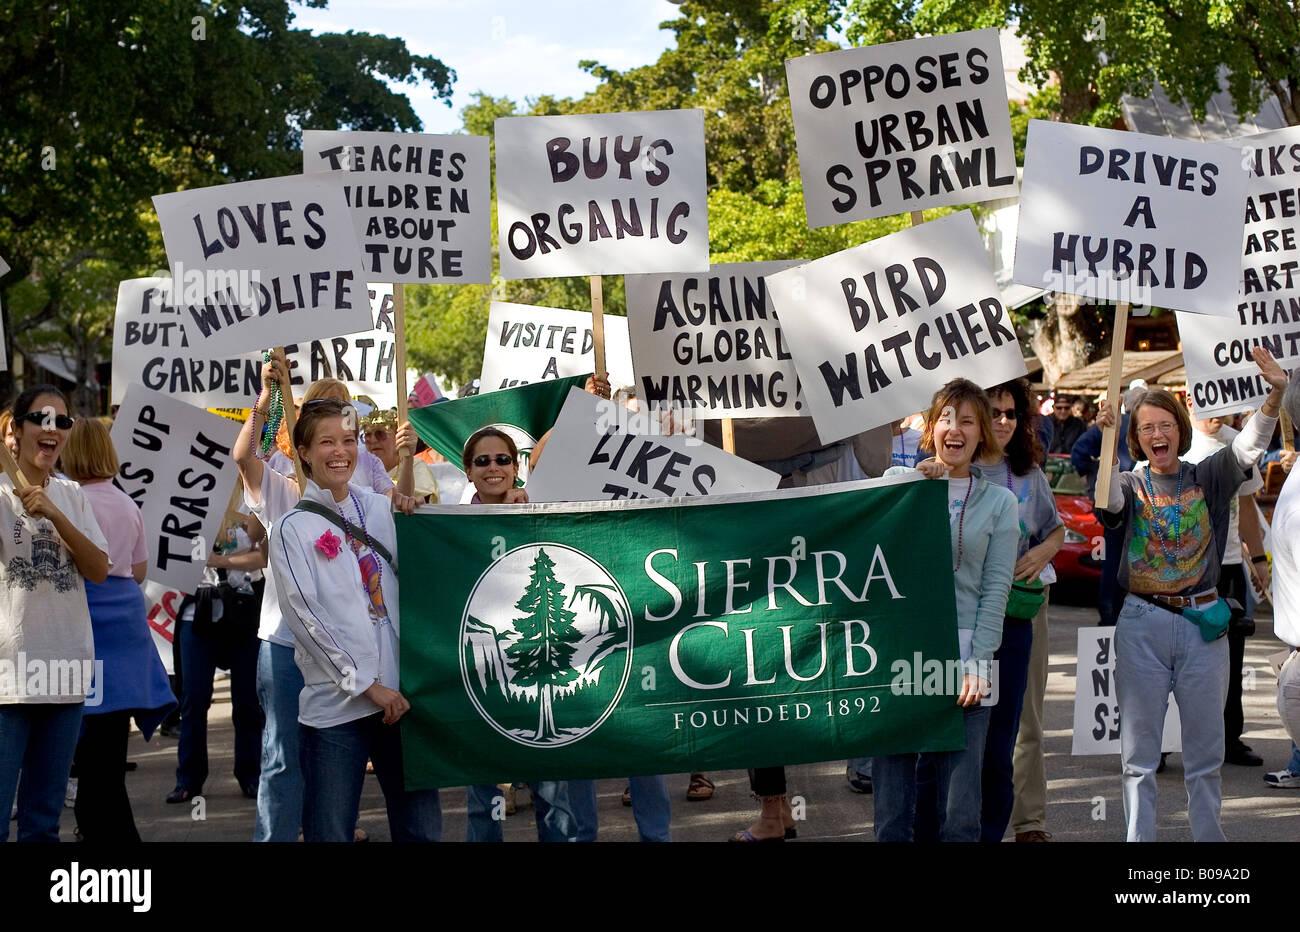 Rally promuovendo la Sierra Club, con donne azienda banner promuovere questioni ambientali come ad esempio vetture Foto Stock